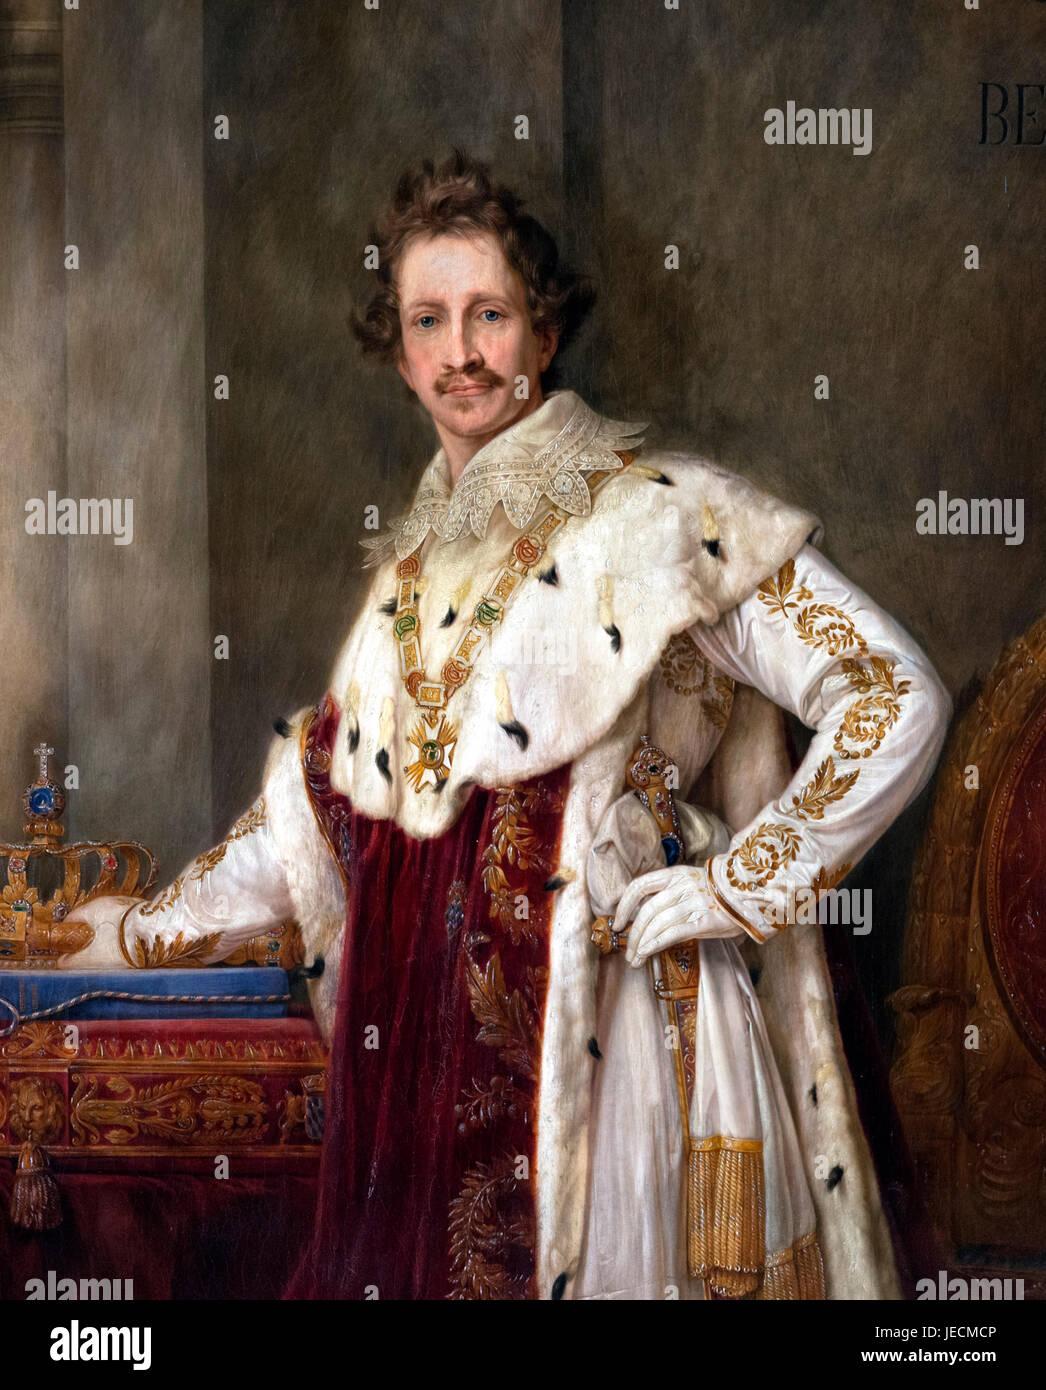 Le roi Louis I (1786-1868), roi de Bavière de 1825 à 1848. Portrait du couronnement par Joseph Stieler, Photo Stock